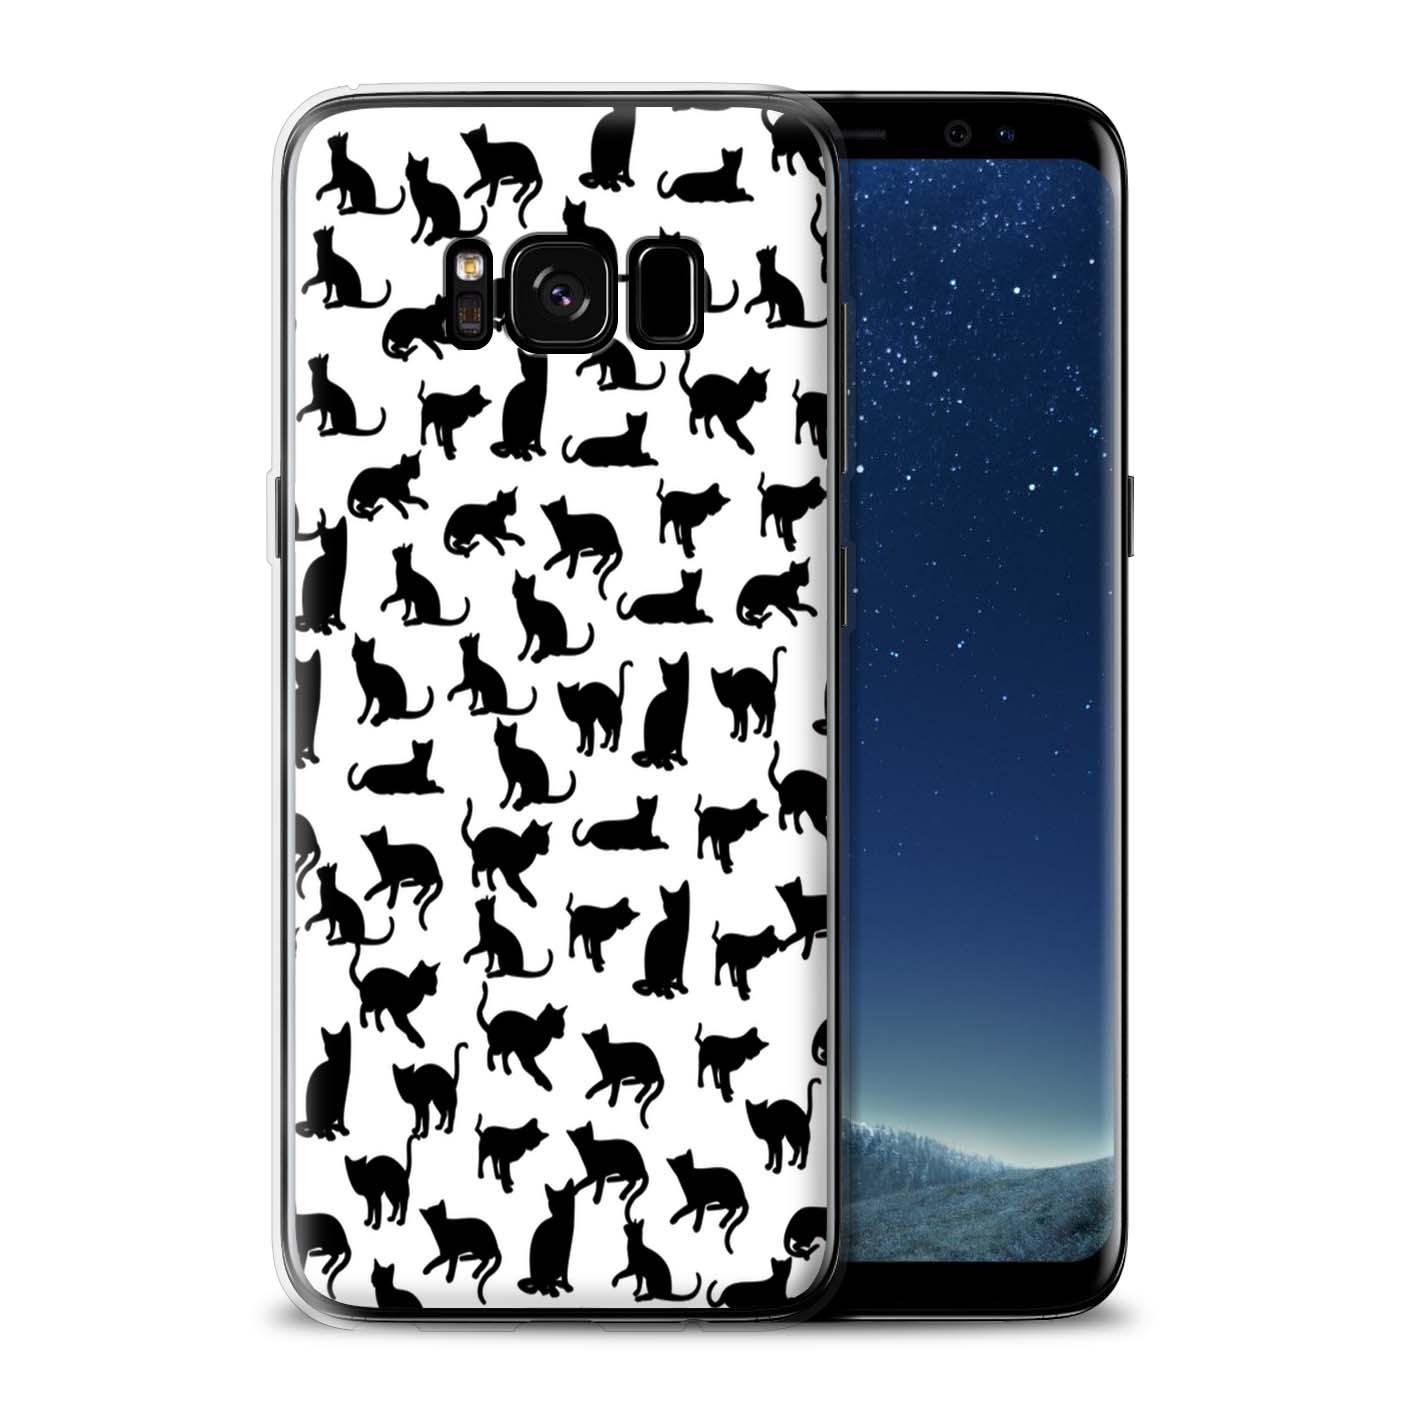 STUFF4-Gel-TPU-Case-Cover-for-Samsung-Galaxy-S8-Plus-G955-Cute-Cartoon-Cat